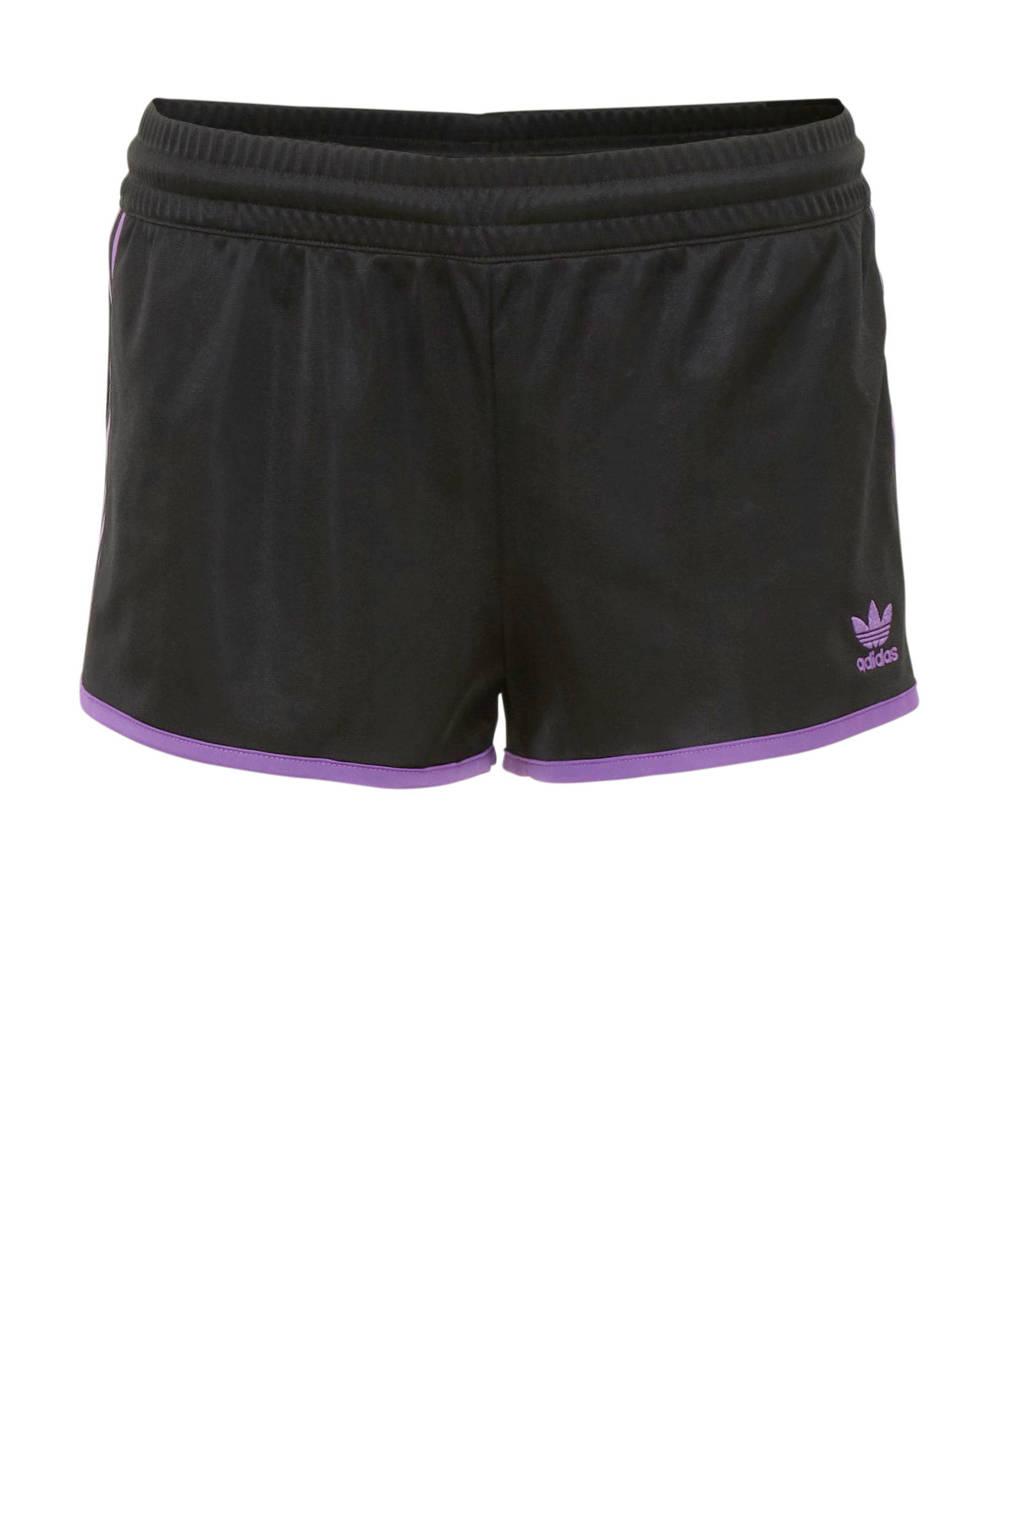 adidas originals sportshort zwart/paars, Zwart/paars